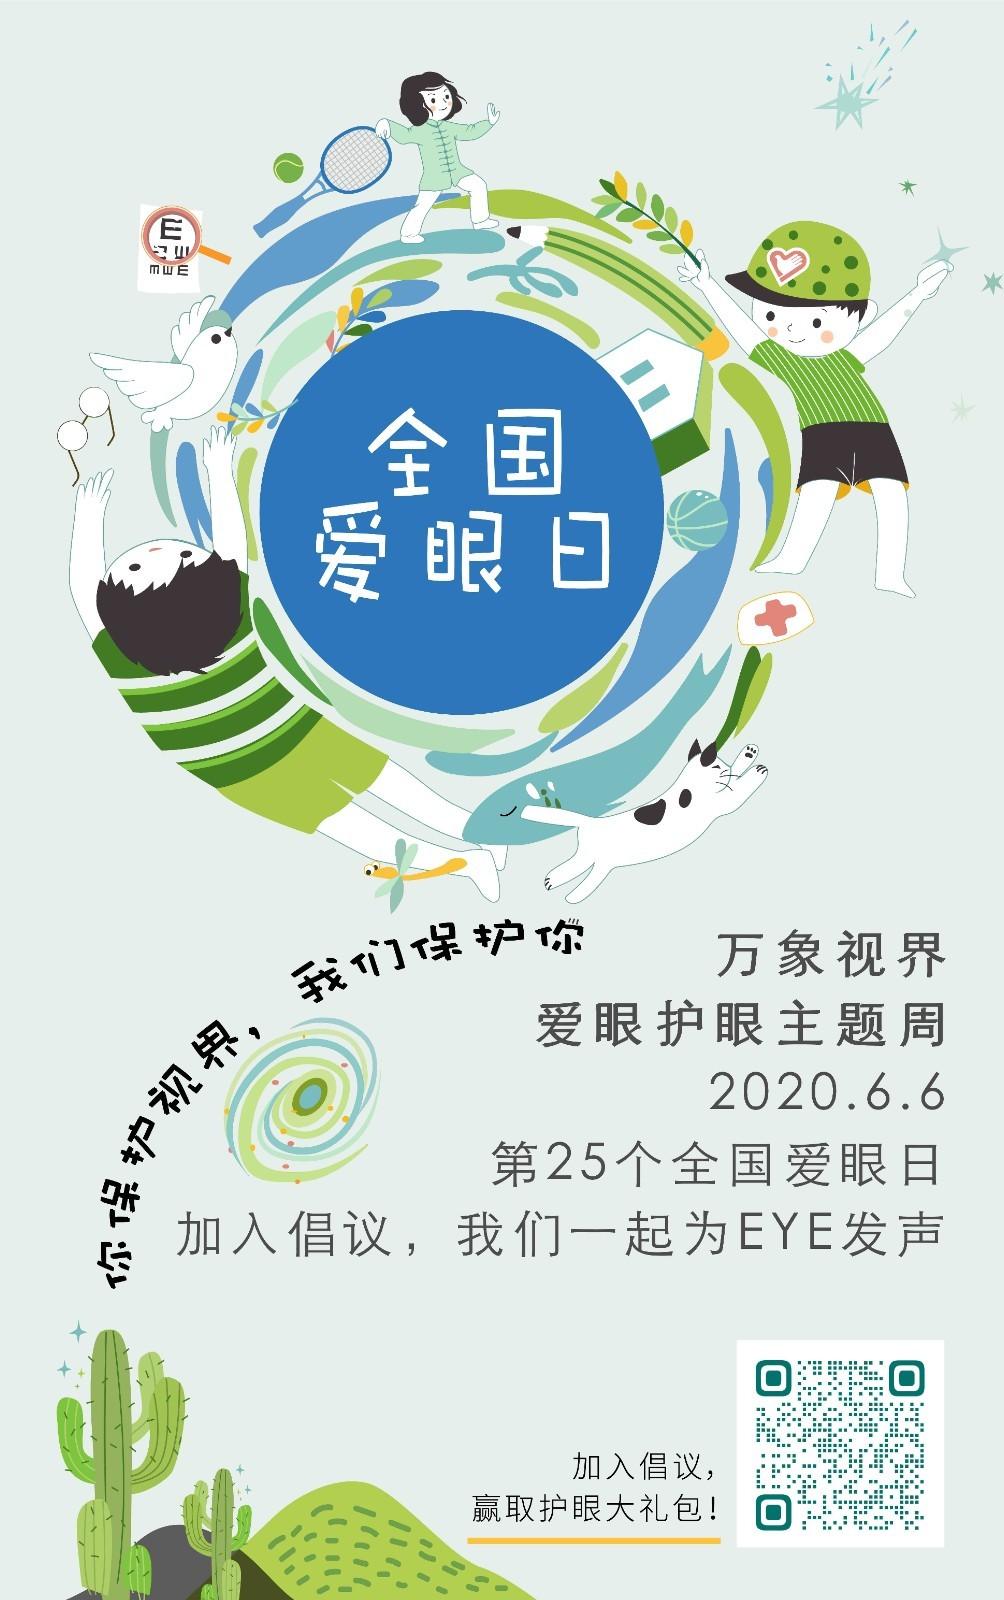 近视防控的社会力量,浙江近30家公益组织发动万人爱眼护眼倡议